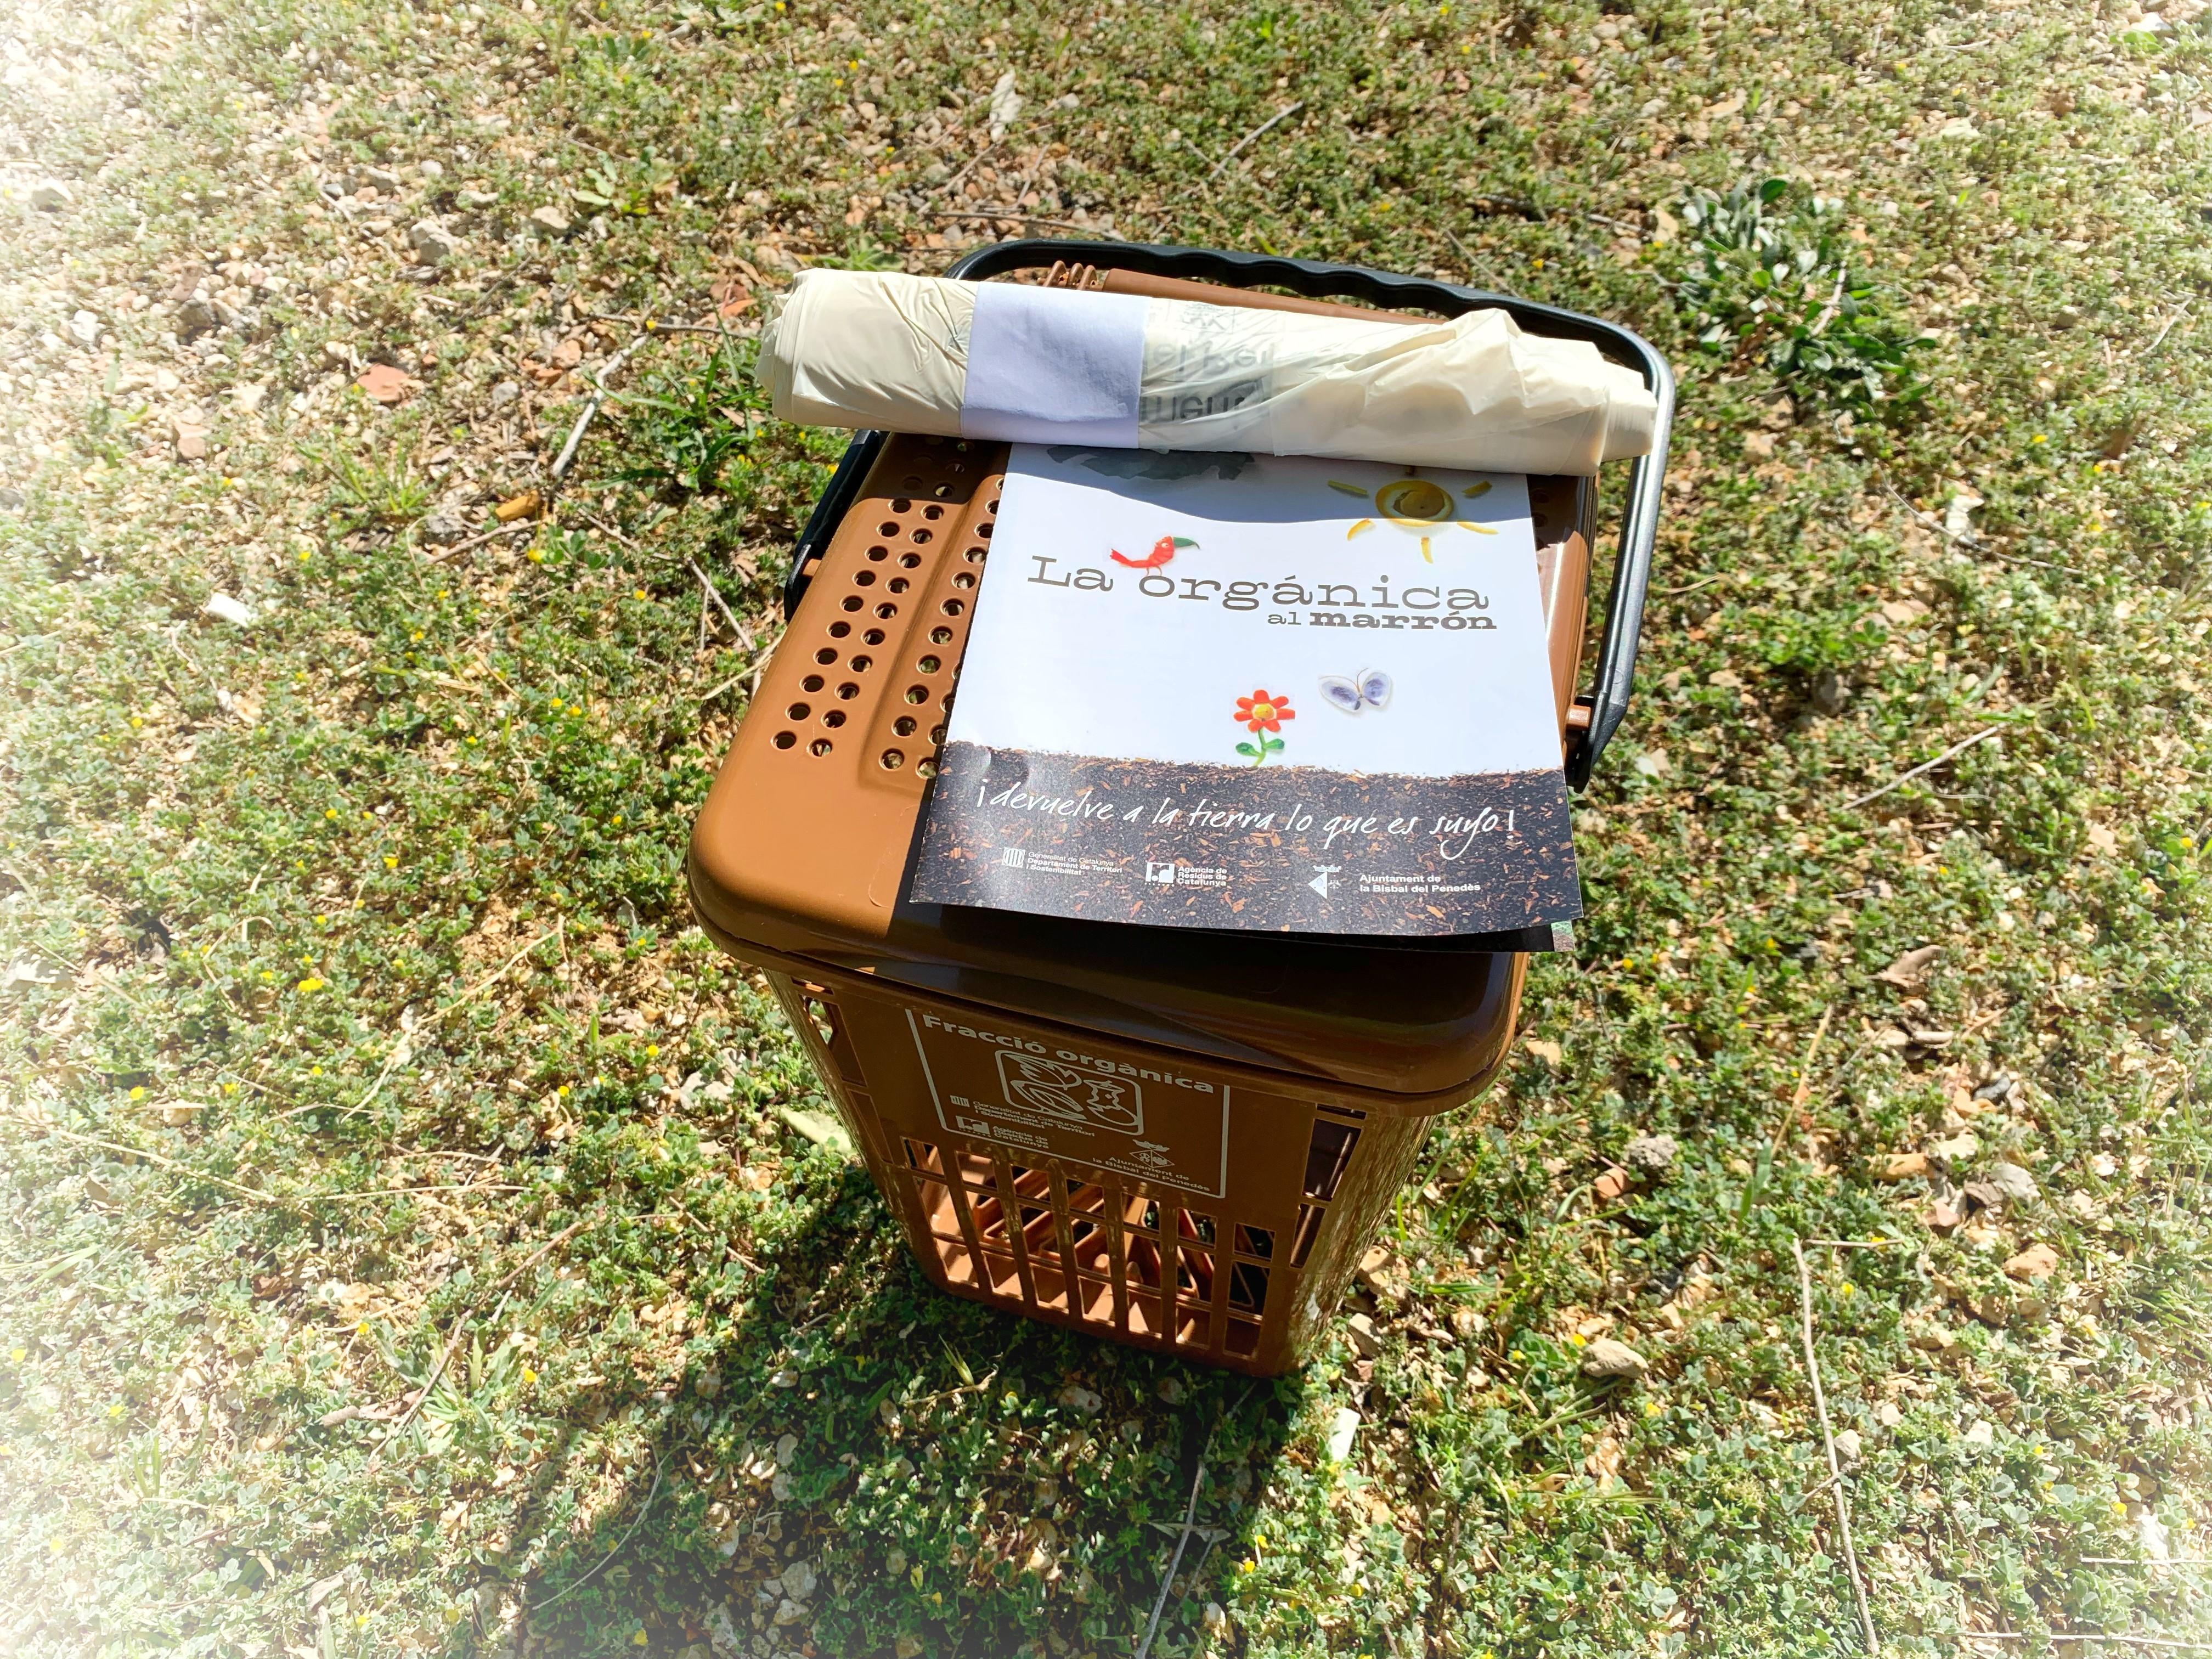 Aquest dimarts comença la campanya de la recollida de matèria orgànica a l'Ortigós i la Masieta